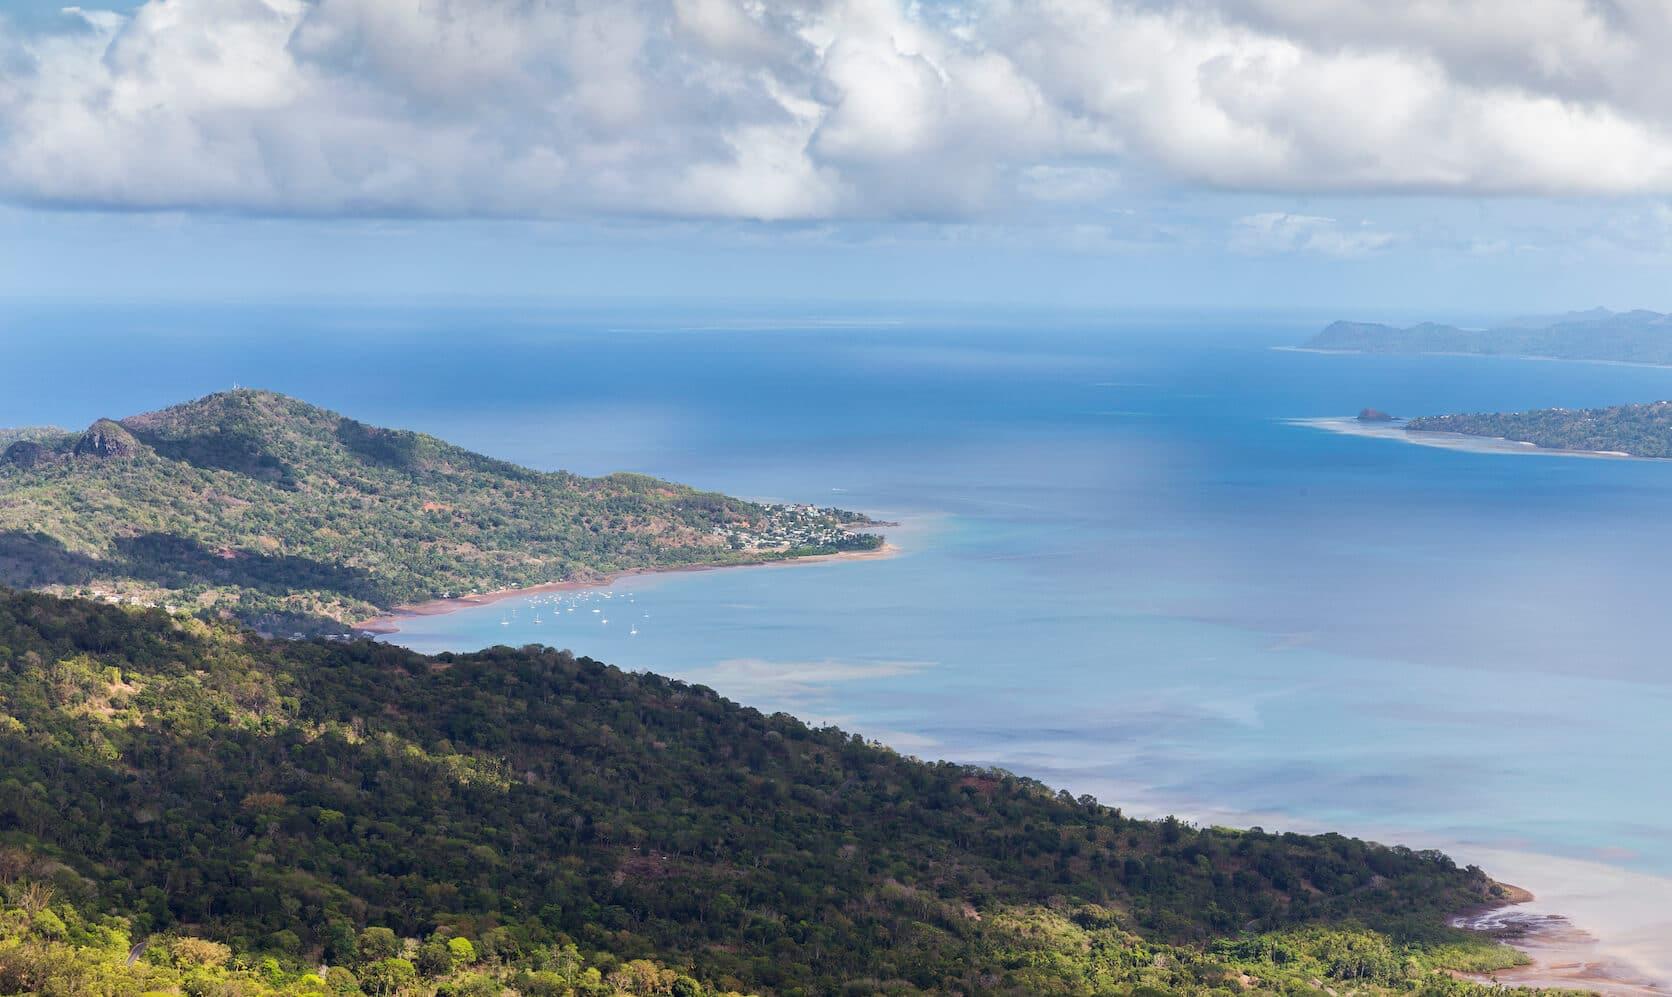 Le mont choungui en randonnée à Mayotte